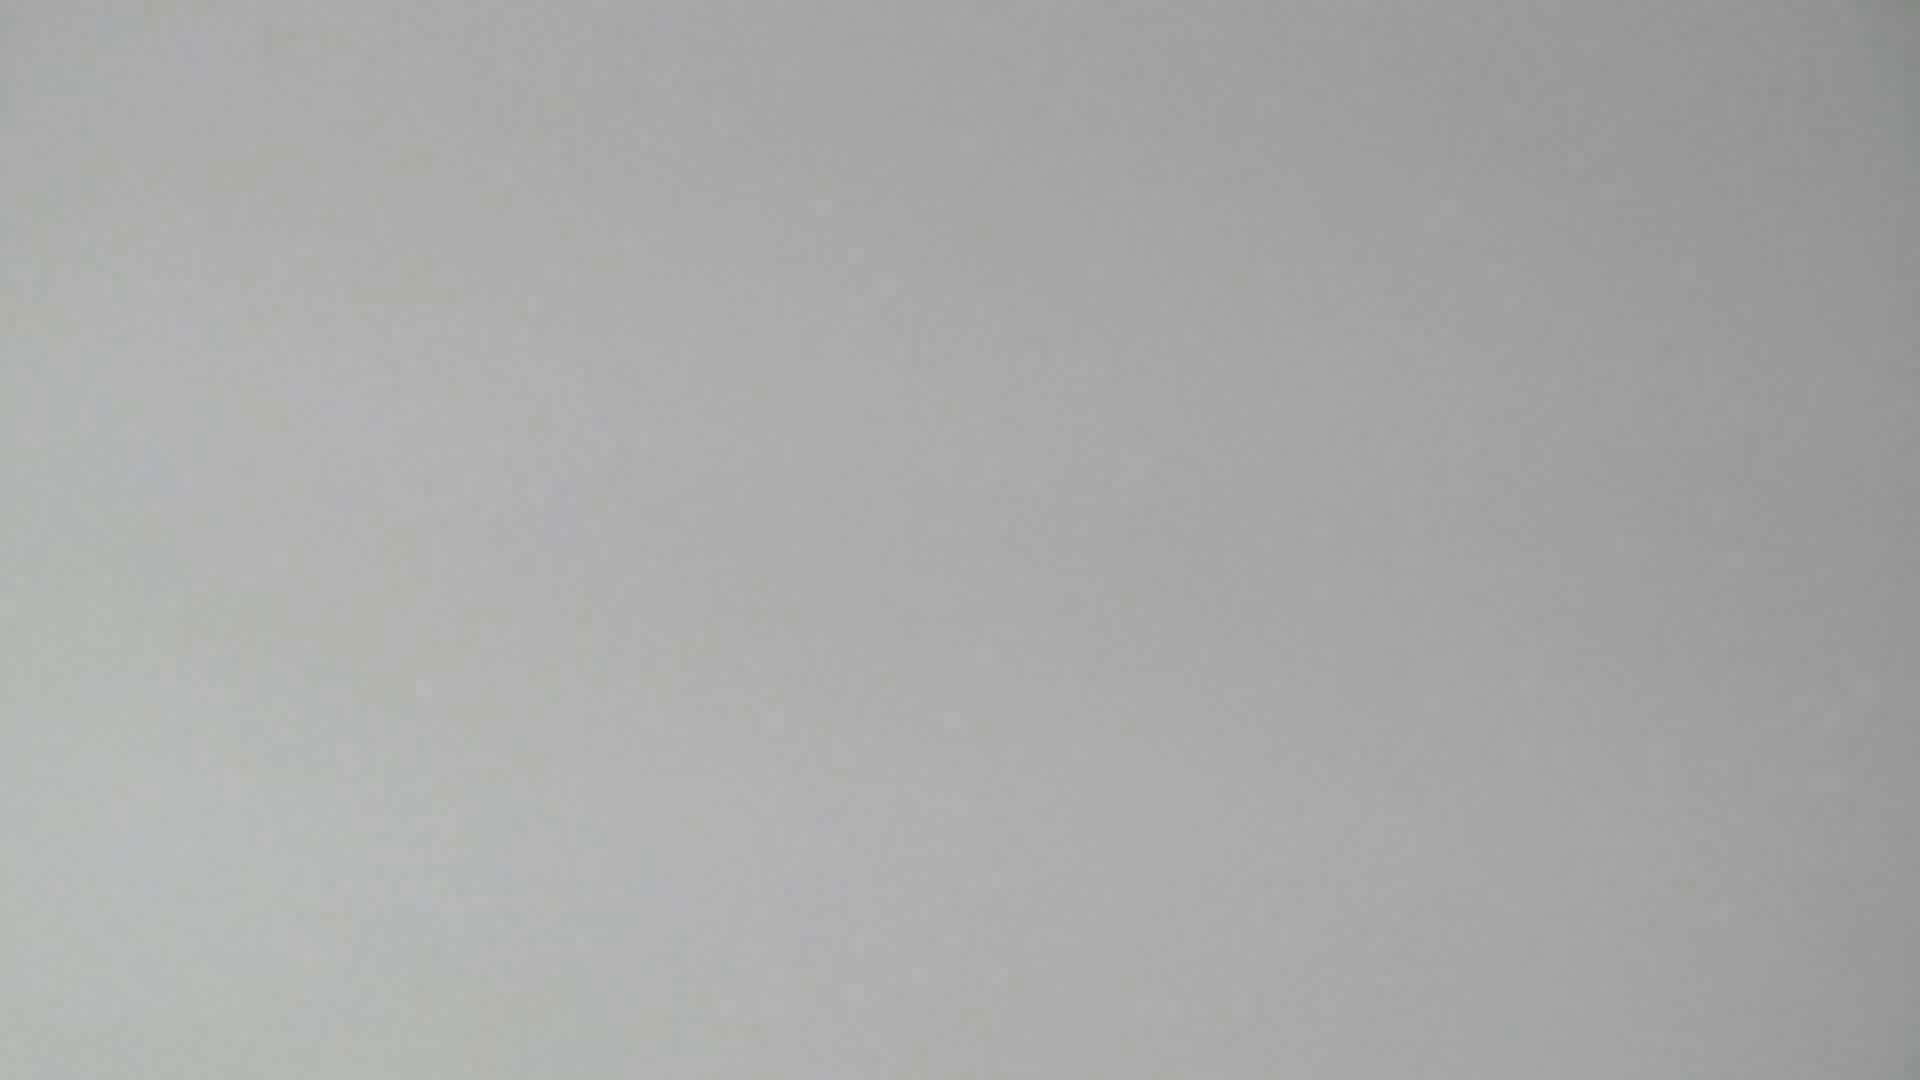 洗面所特攻隊 vol.002今回も鮮明です 投稿 AV無料 104画像 20